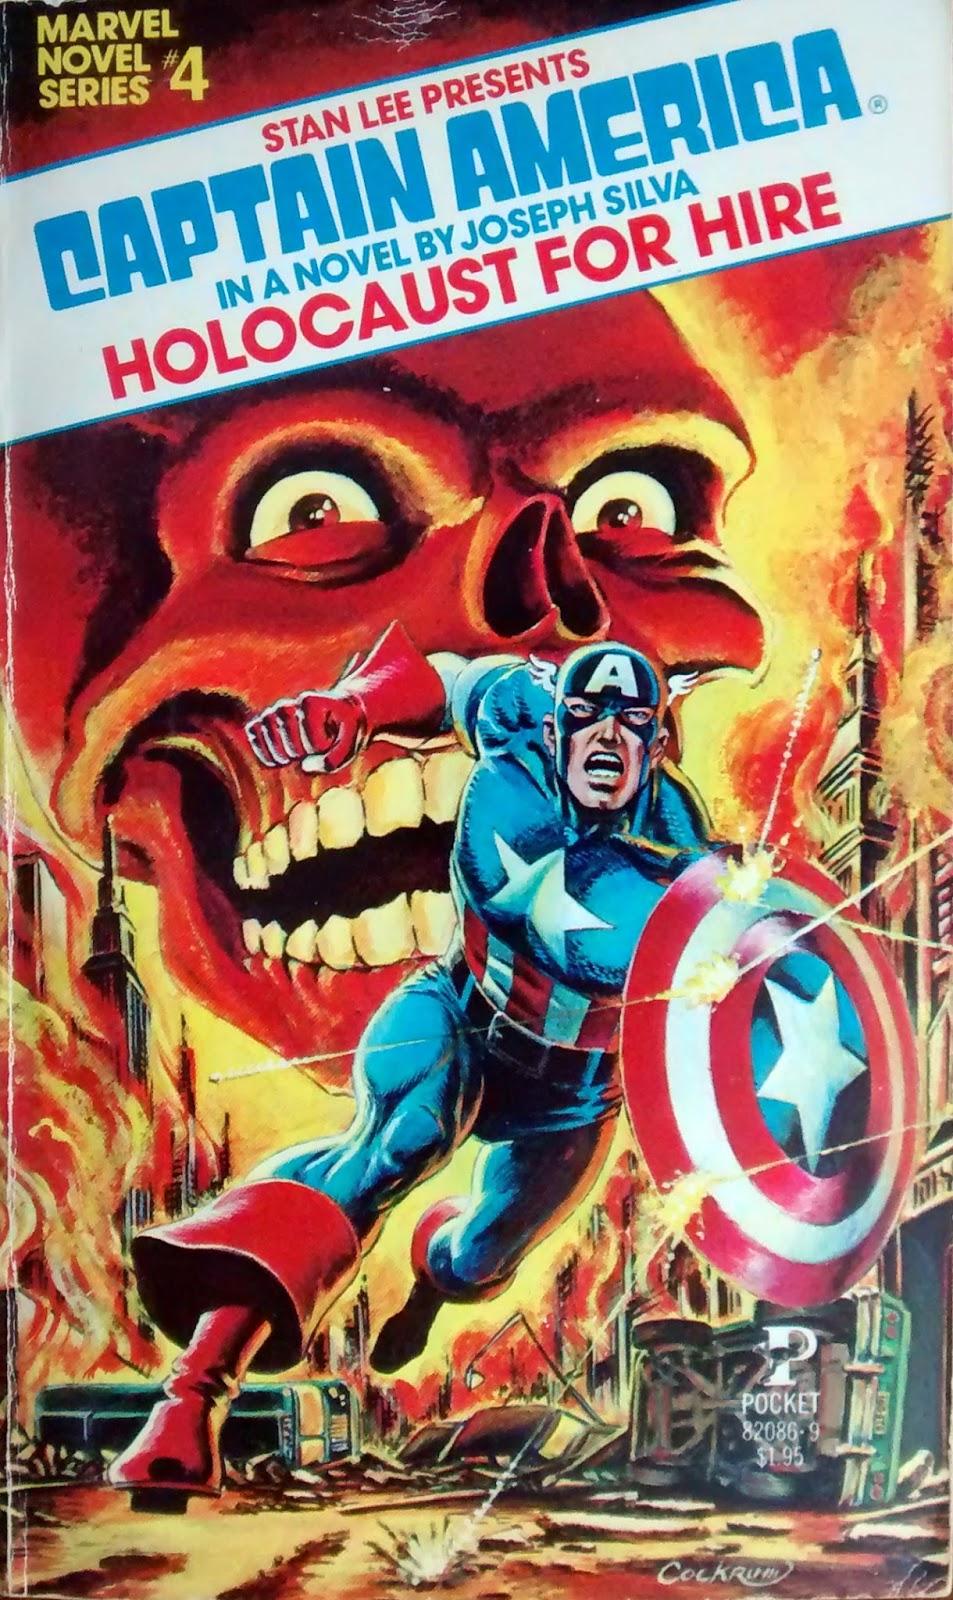 Dead Man's Brain: The Marvel Novel Series Covered